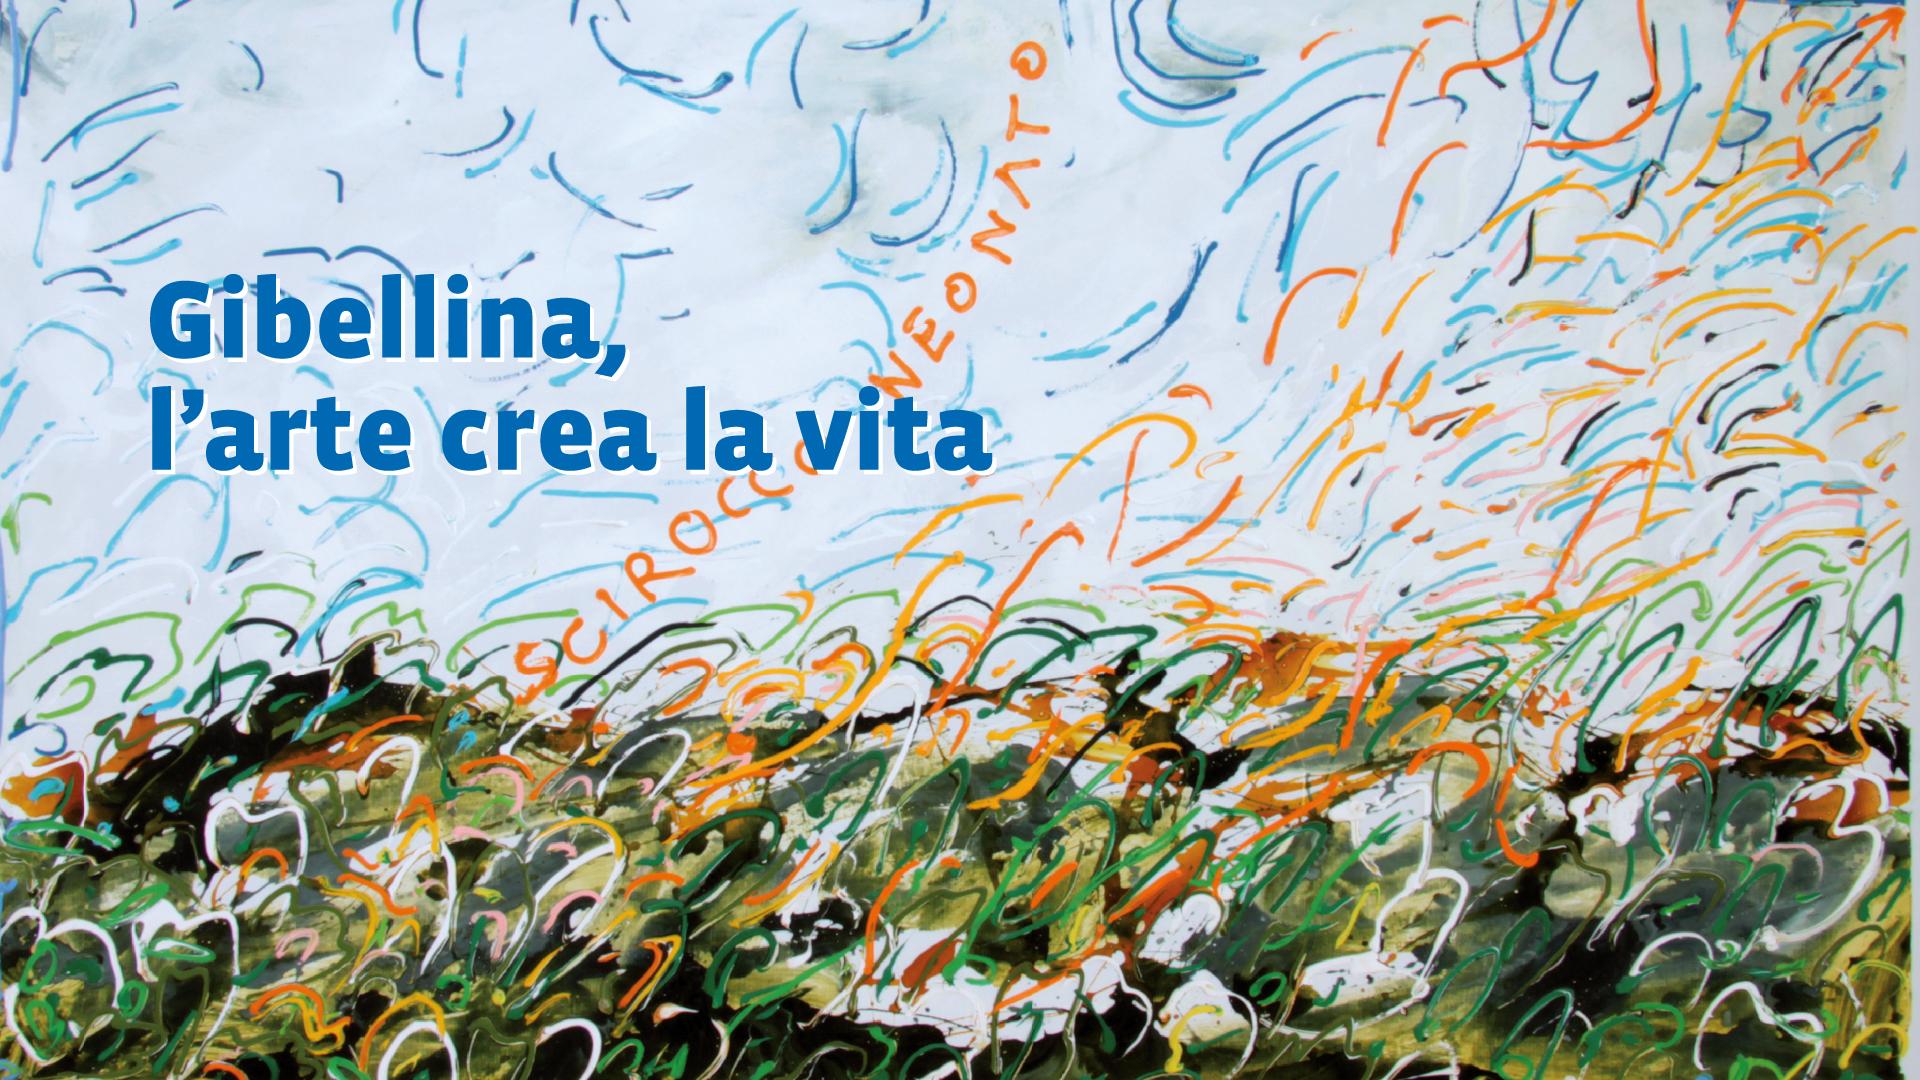 """15 gennaio – Incontro"""" Gibellina, l'arte crea la vita"""""""